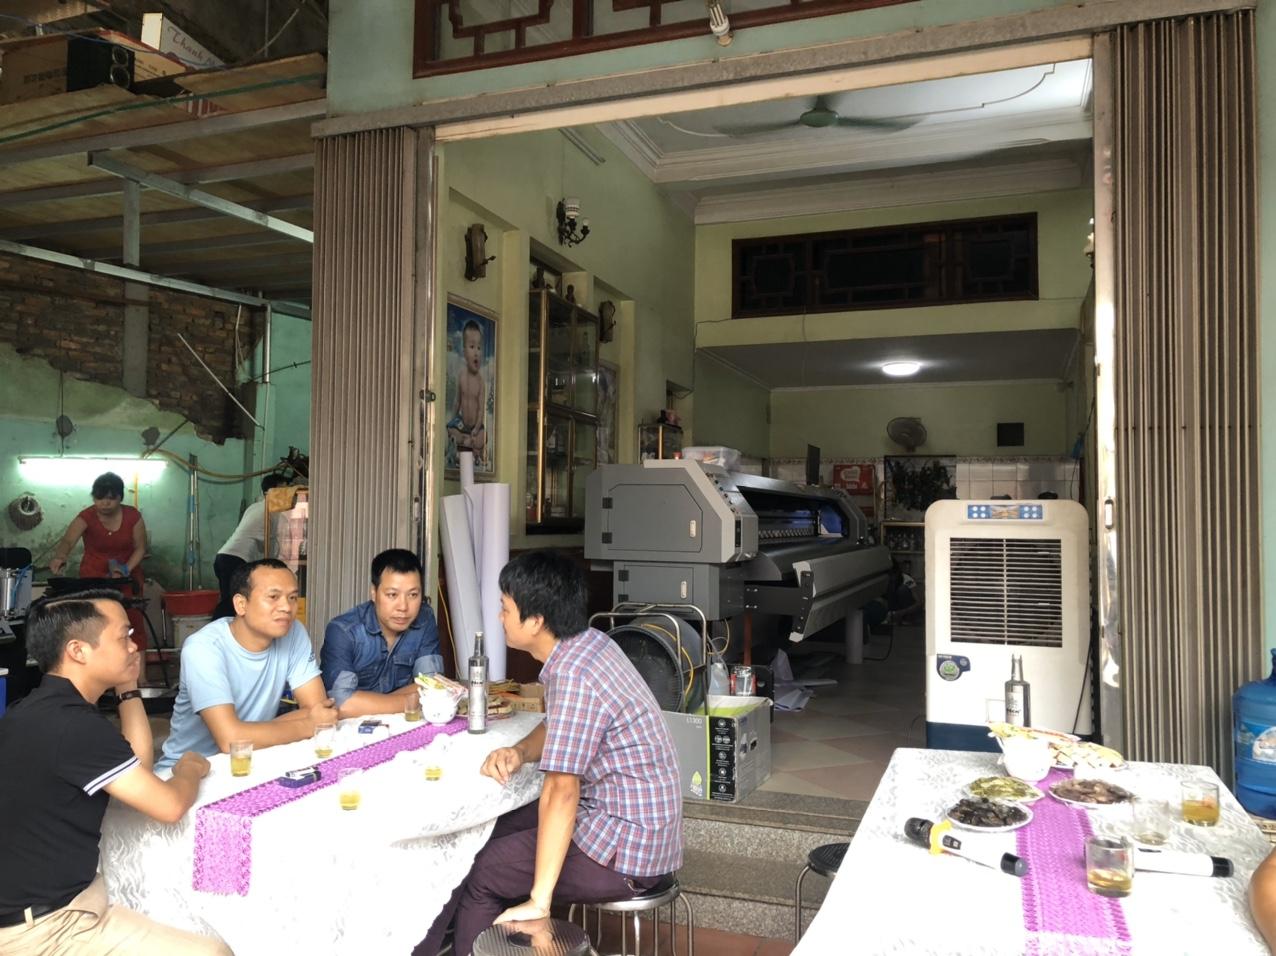 Lắp đặt máy in bạt Taimes T5S cho Công ty TNHH quảng cáo và dịch vụ thương mại Hải Nam tại Giáp Hải